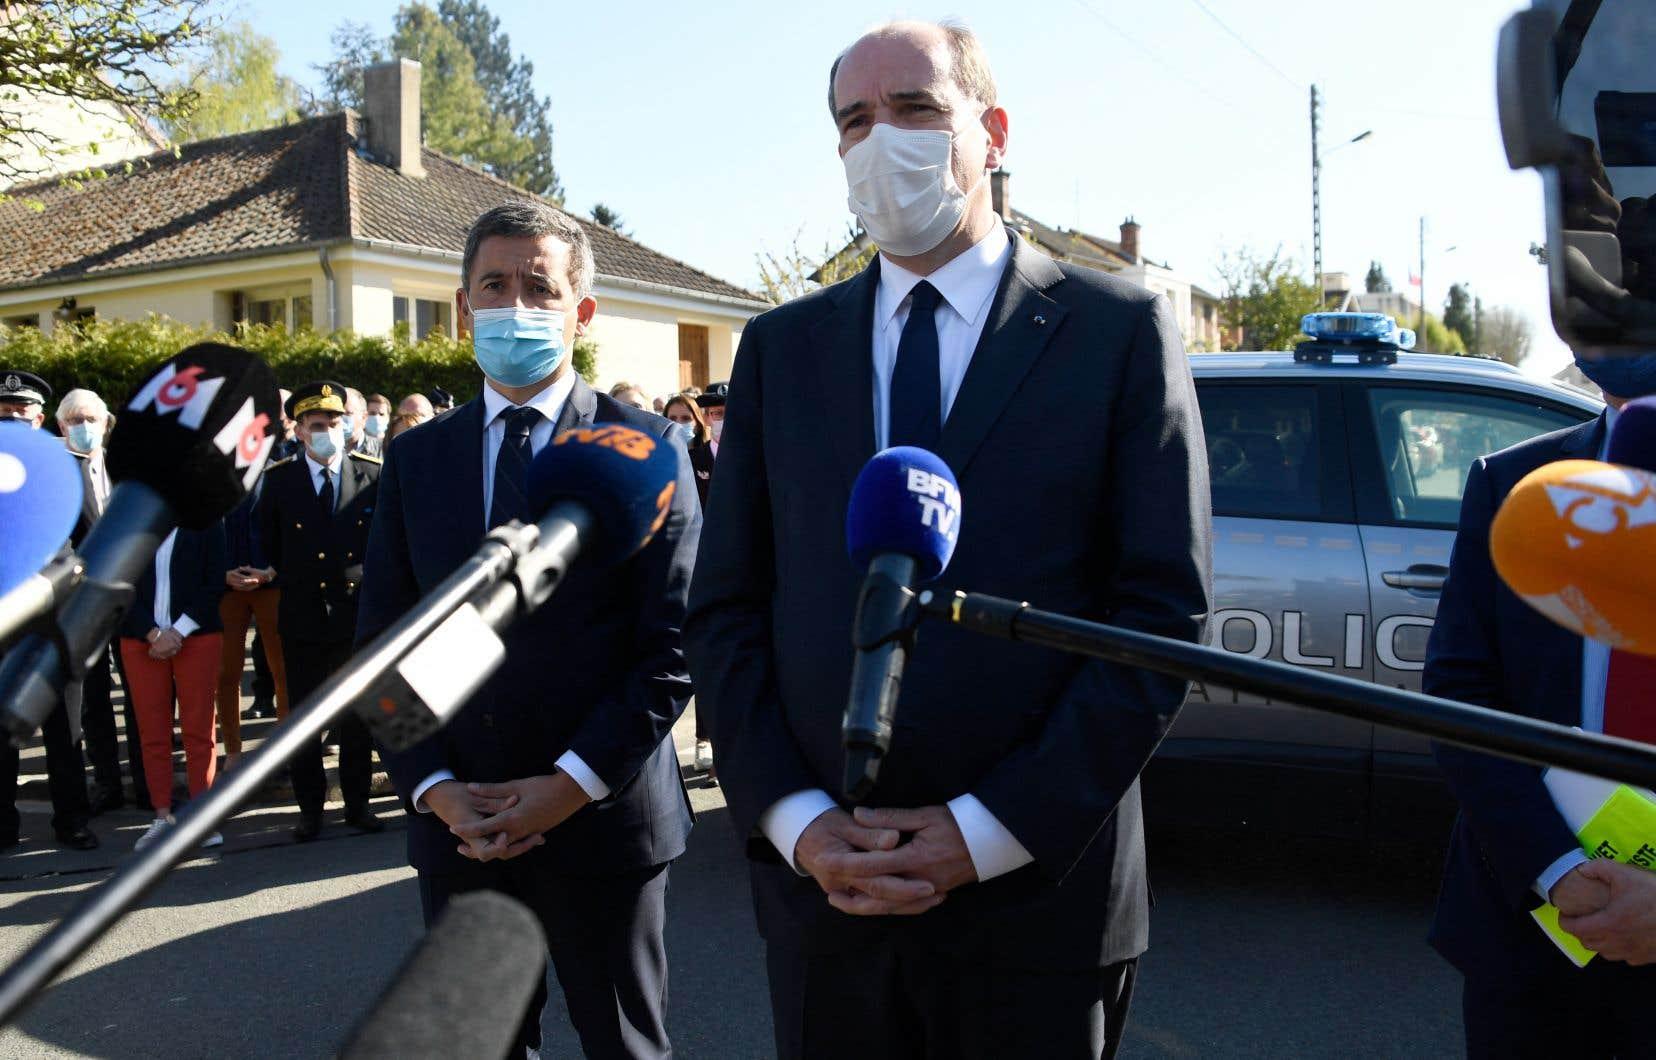 Le ministre de l'Intérieur, Gérald Darmanin, et le premier ministre, Jean Castex, se sont rendus à Rambouillet vendredi. On les voit ici près du commissariat où s'est déroulée l'attaque.